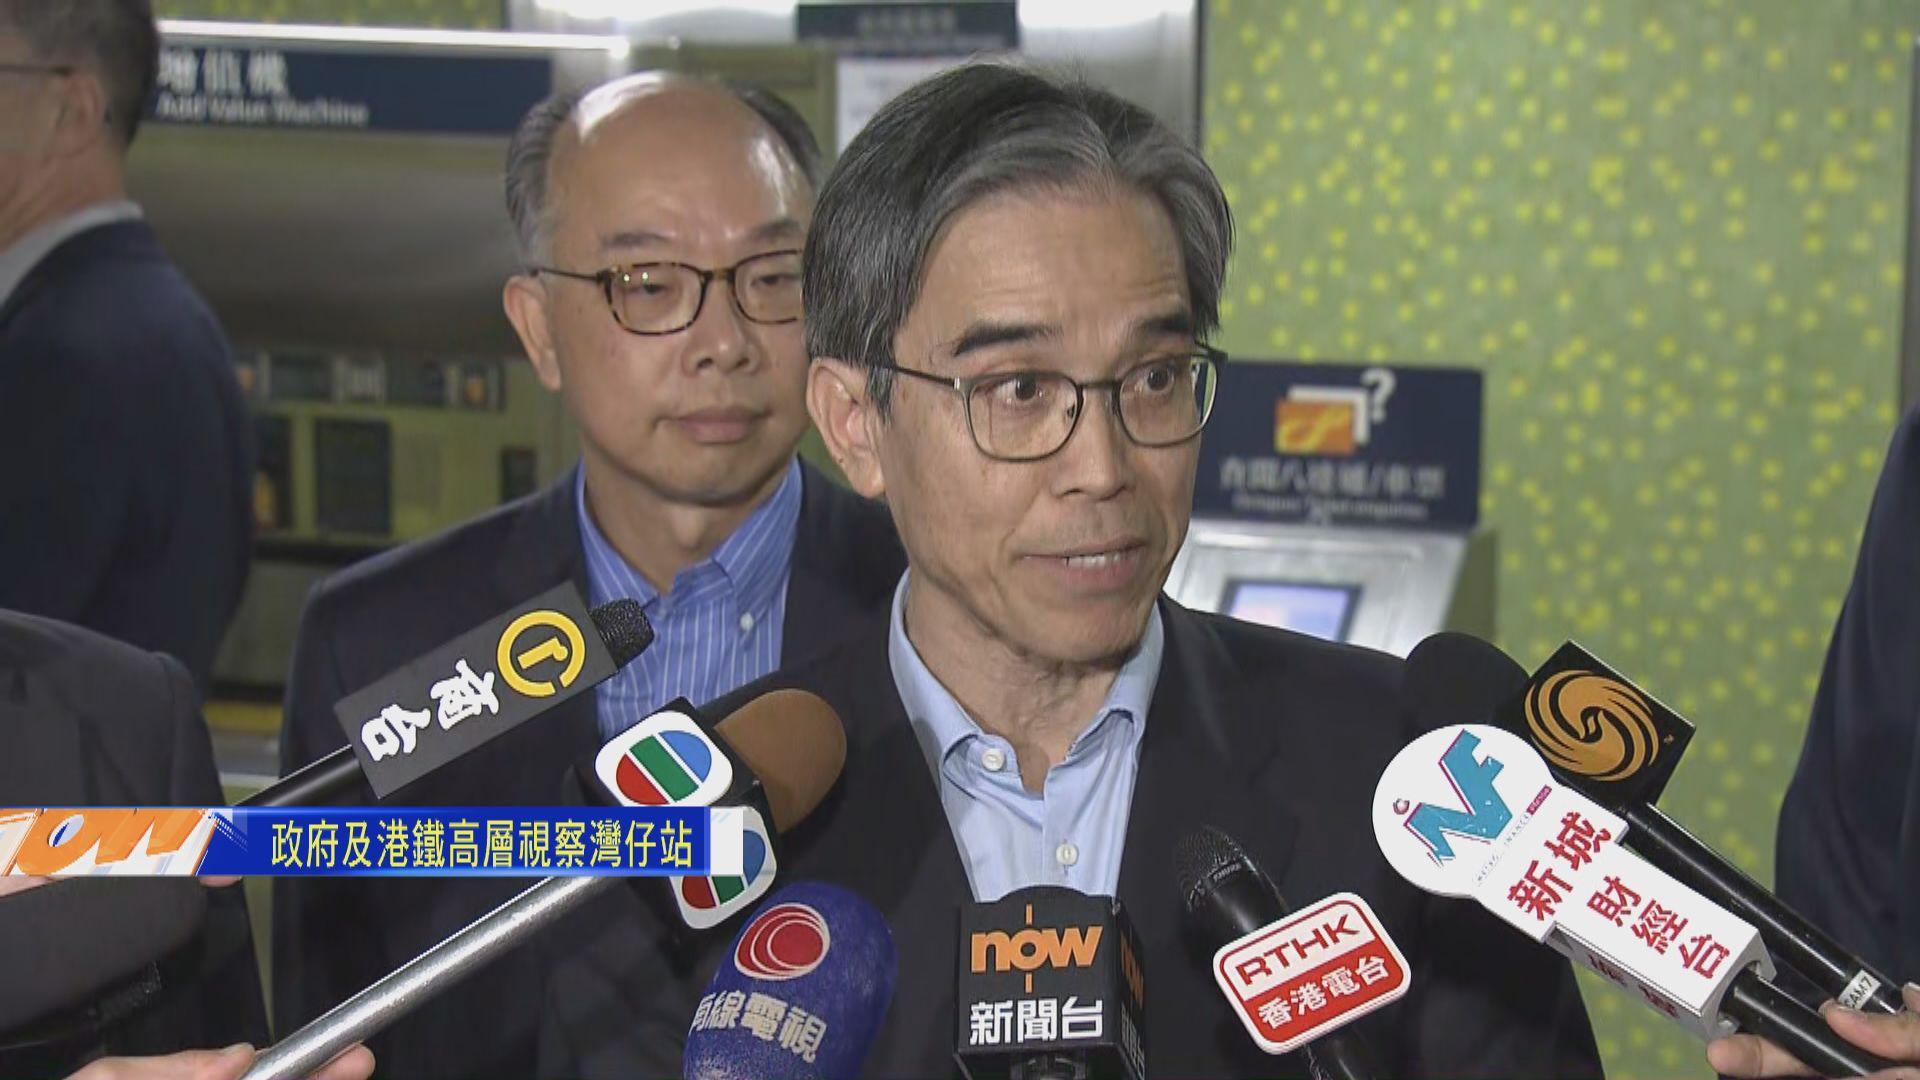 【最新】港鐵:831太子站閉路電視涉乘客私隱暫不宜公開